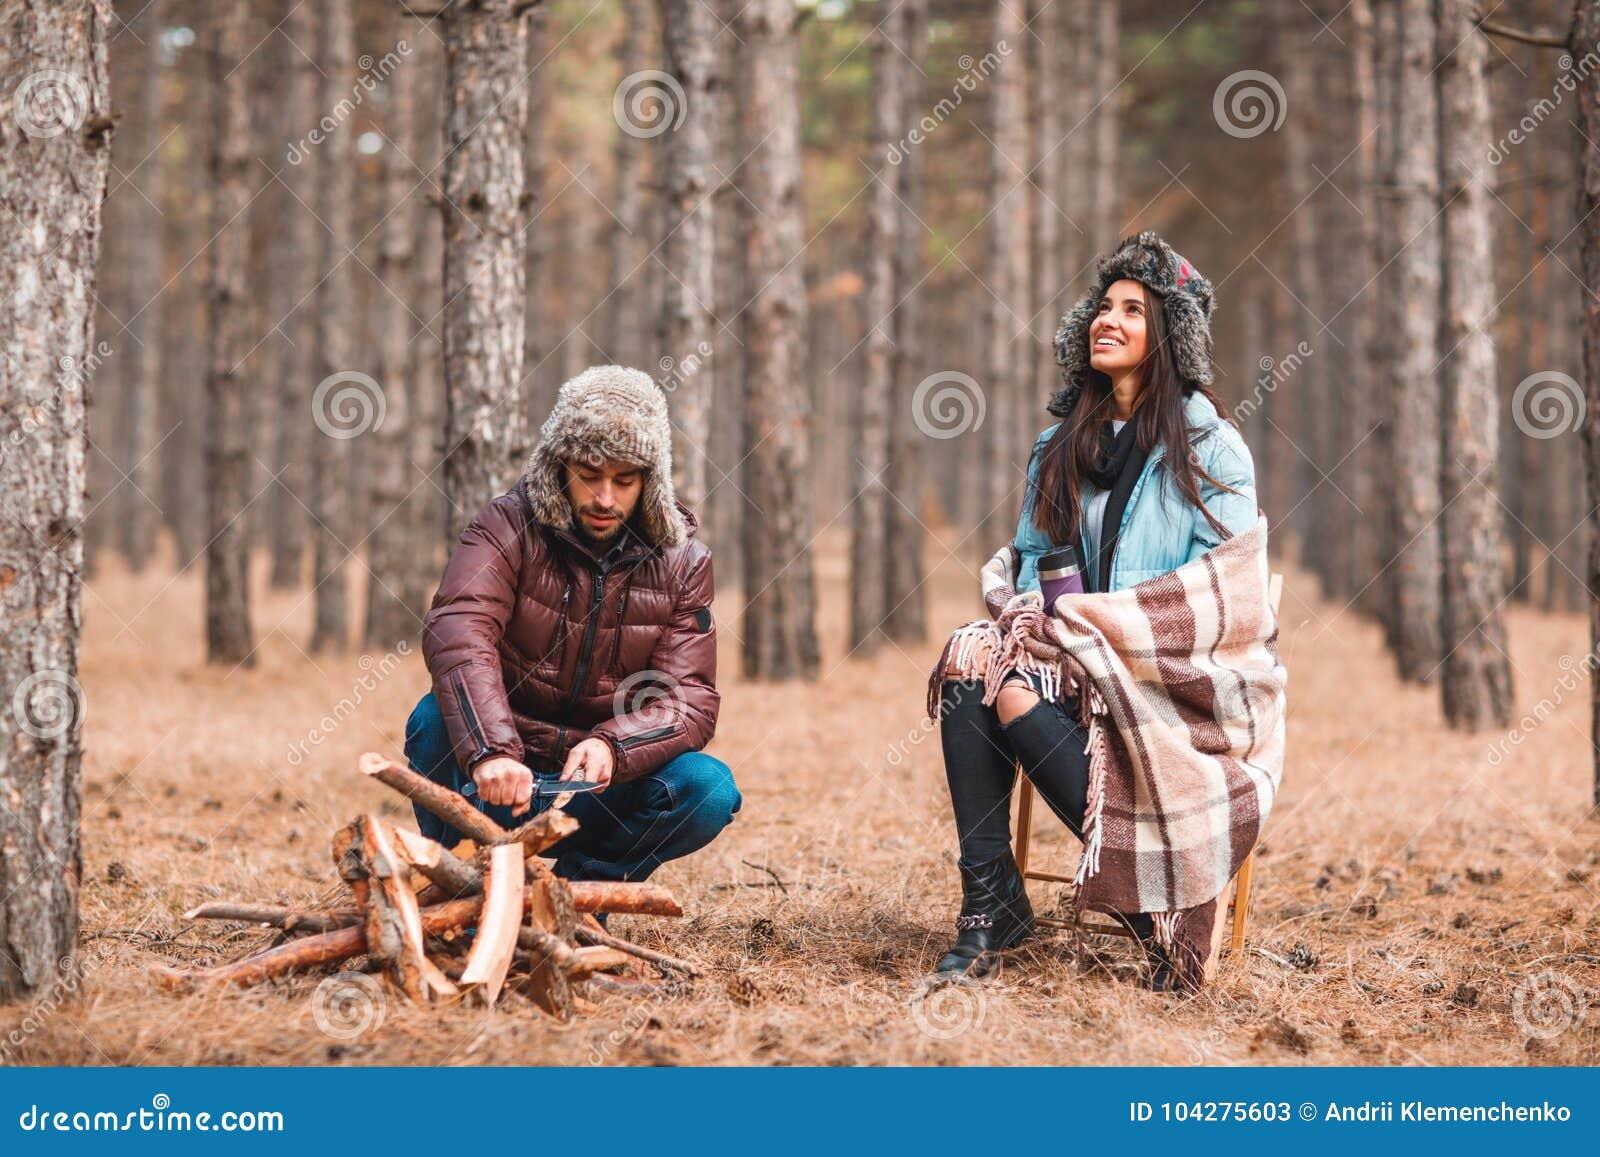 Júntese en la muchacha del bosque A se está sentando cubrió en una manta, el individuo afila los cuchillos de madera